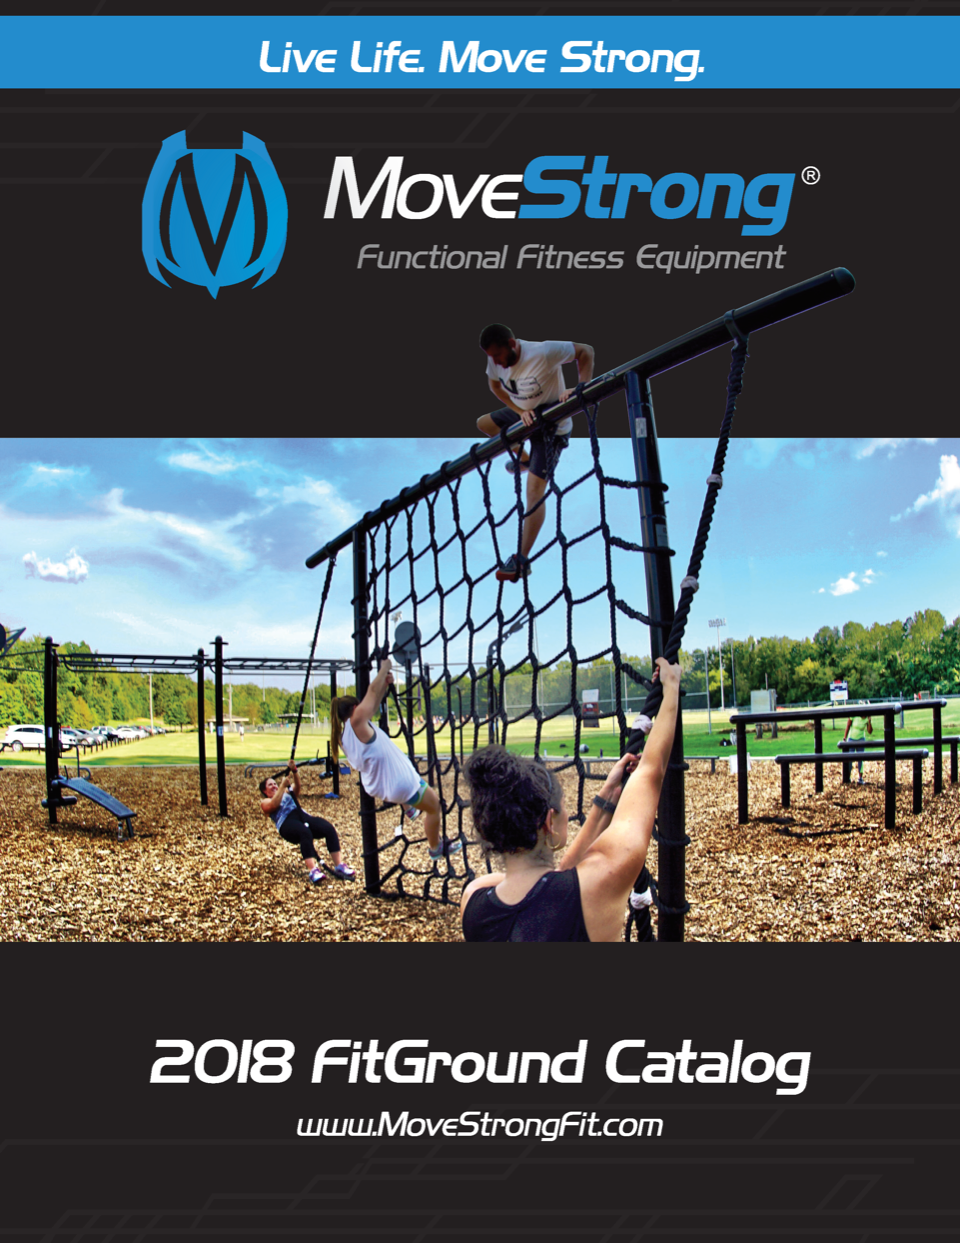 2018-Catalog-MS-v8+1 (1).png